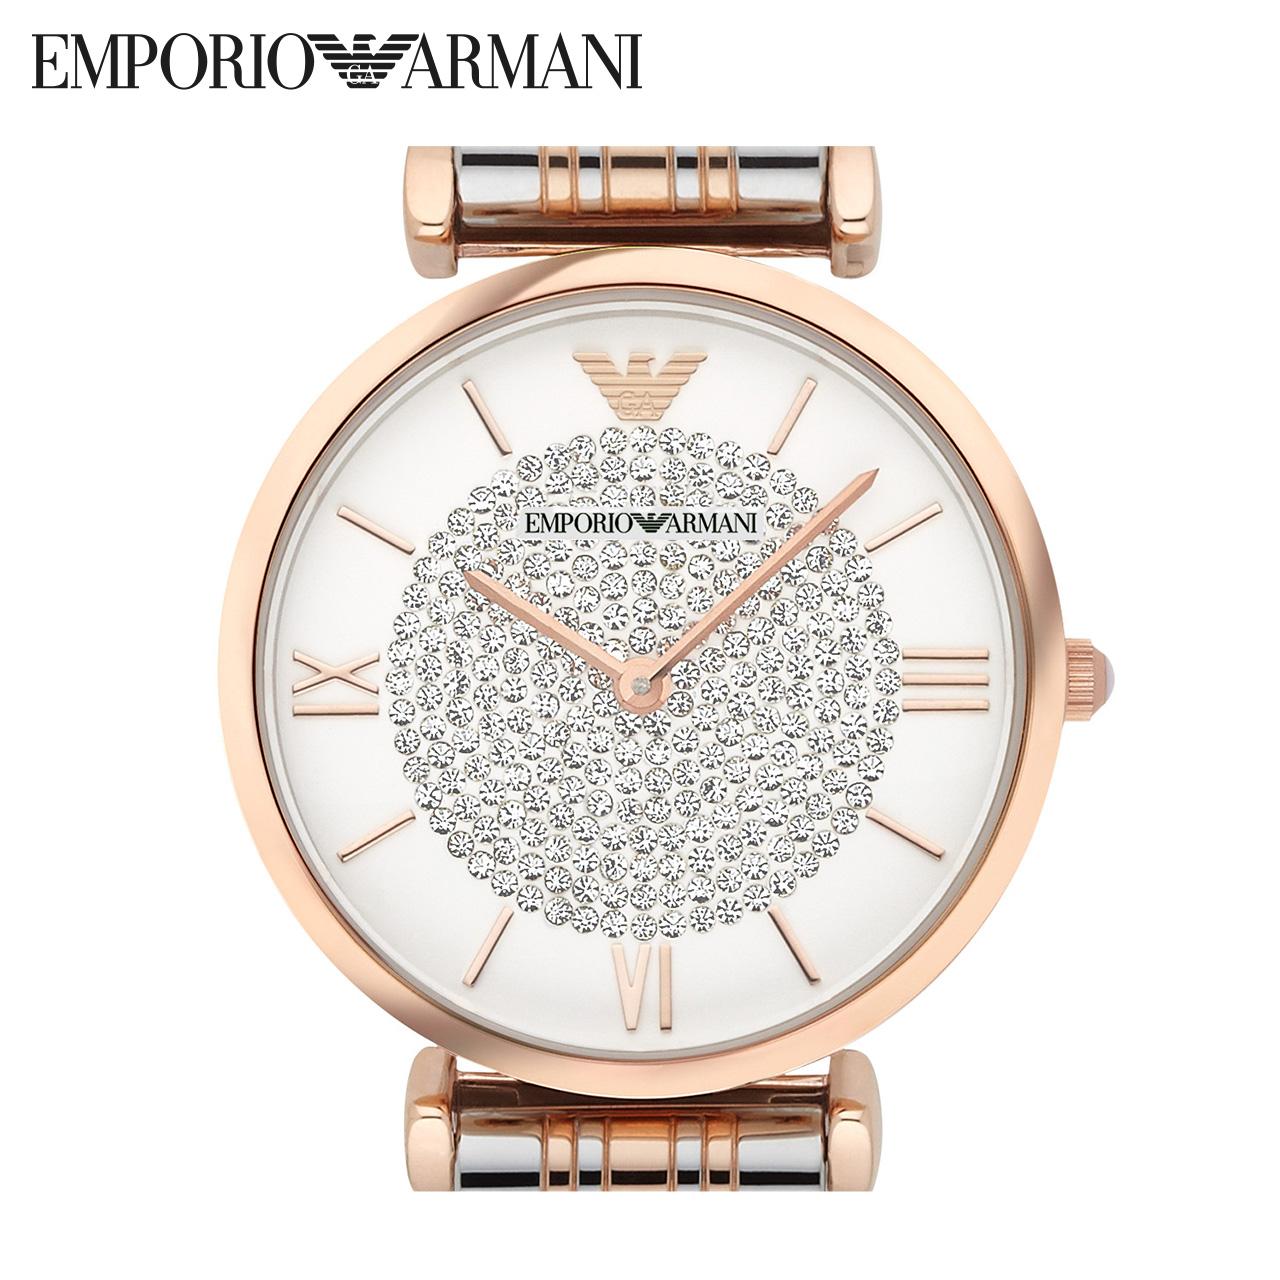 混色钢带镶钻女款石英腕表 Armani 阿玛尼女表满天星手表女 AR1926